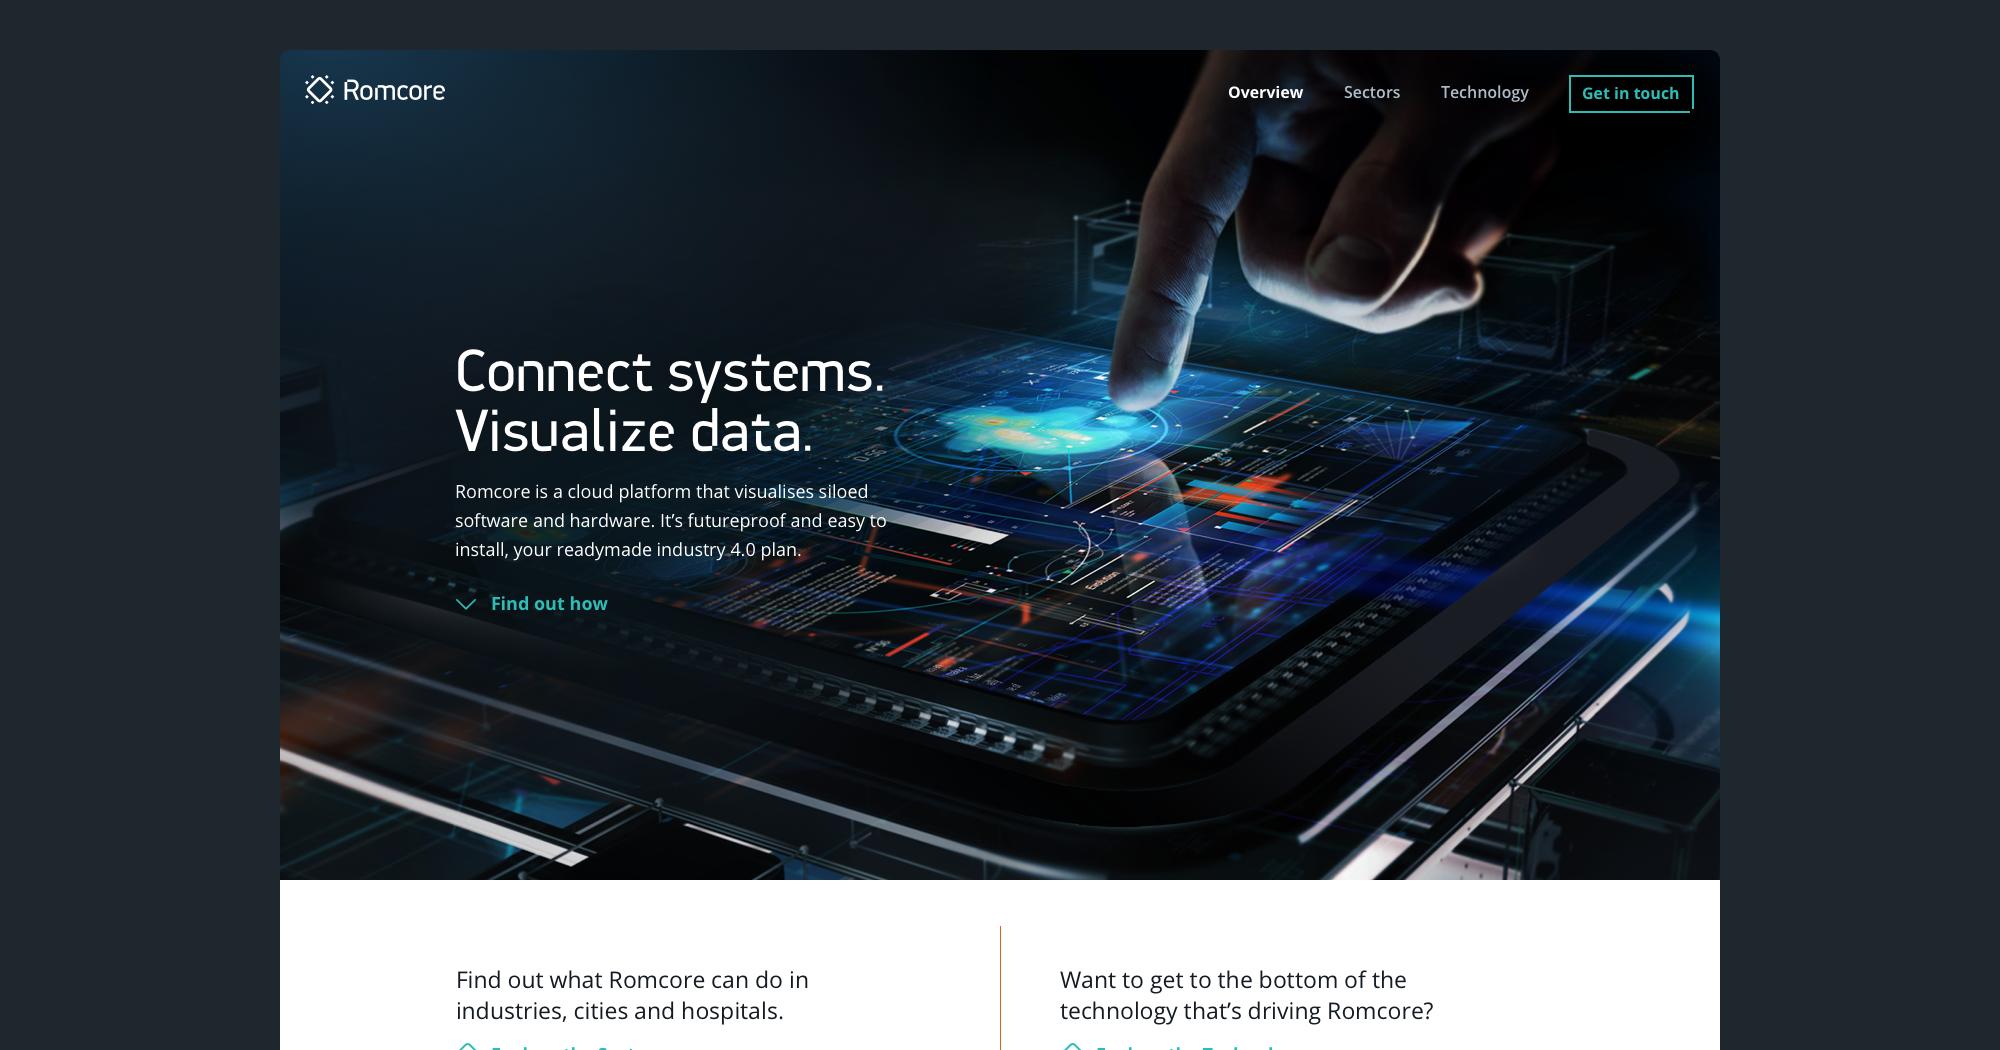 Romcore website